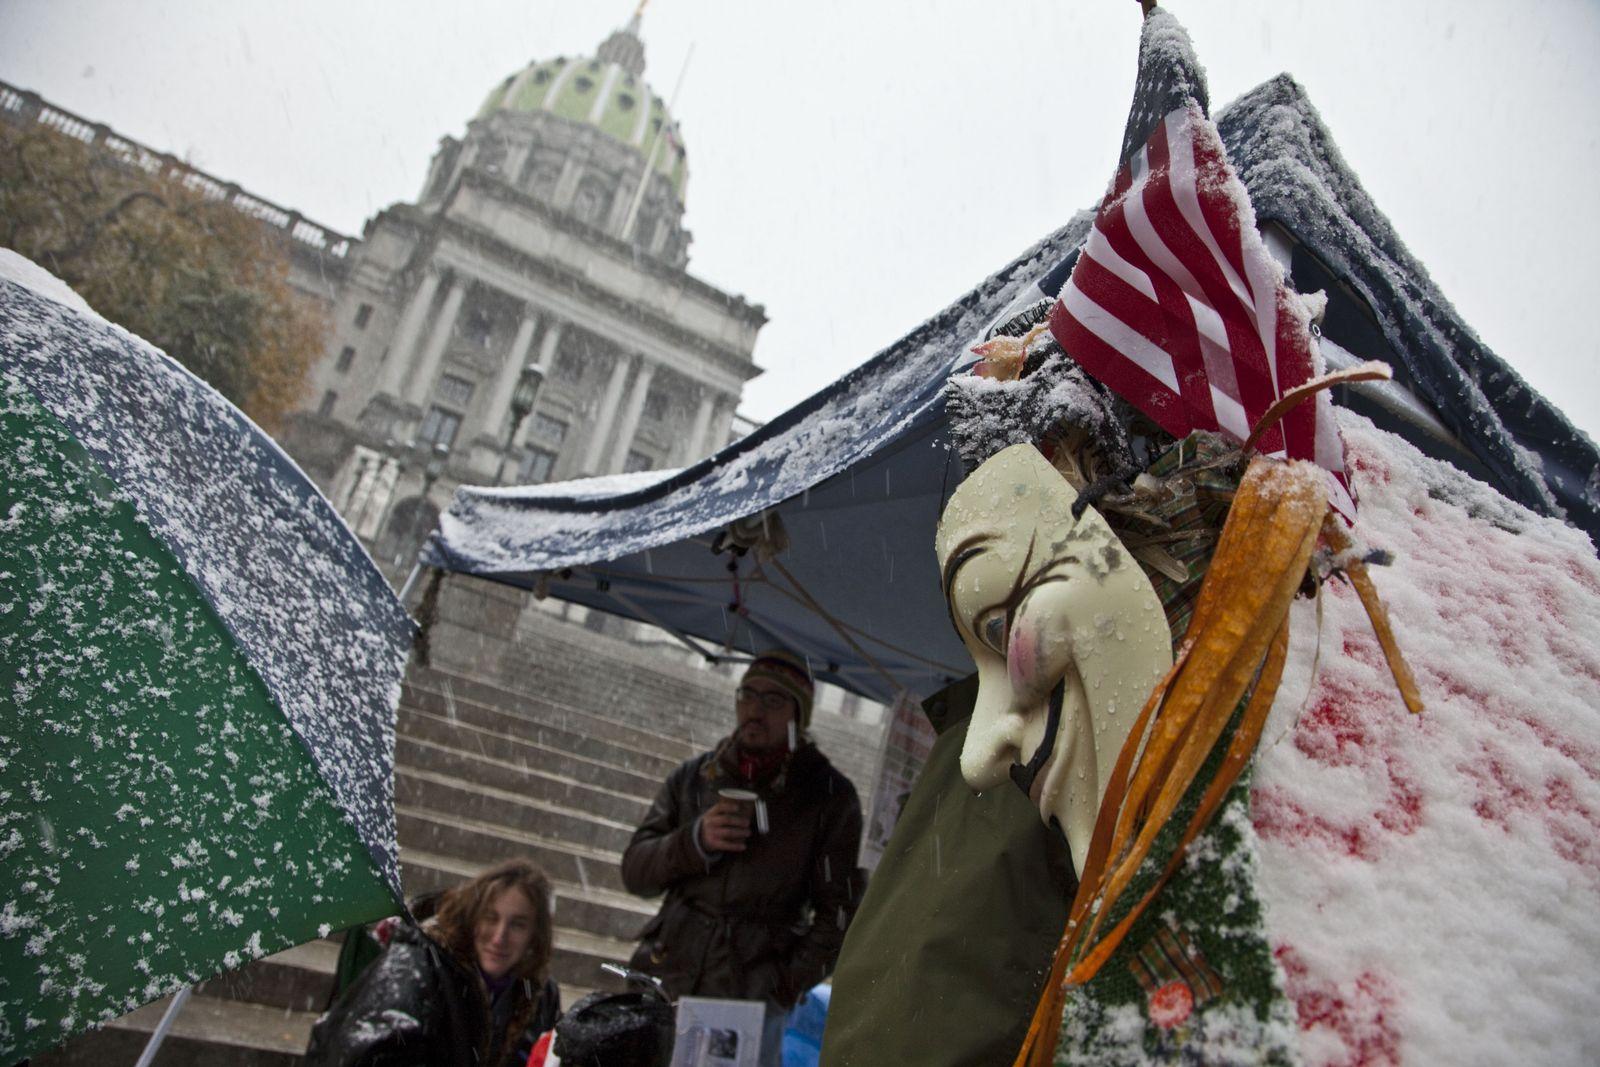 NICHT MEHR VERWENDEN! - Occupy Wall Street / Harrisburg / Pennsylvania